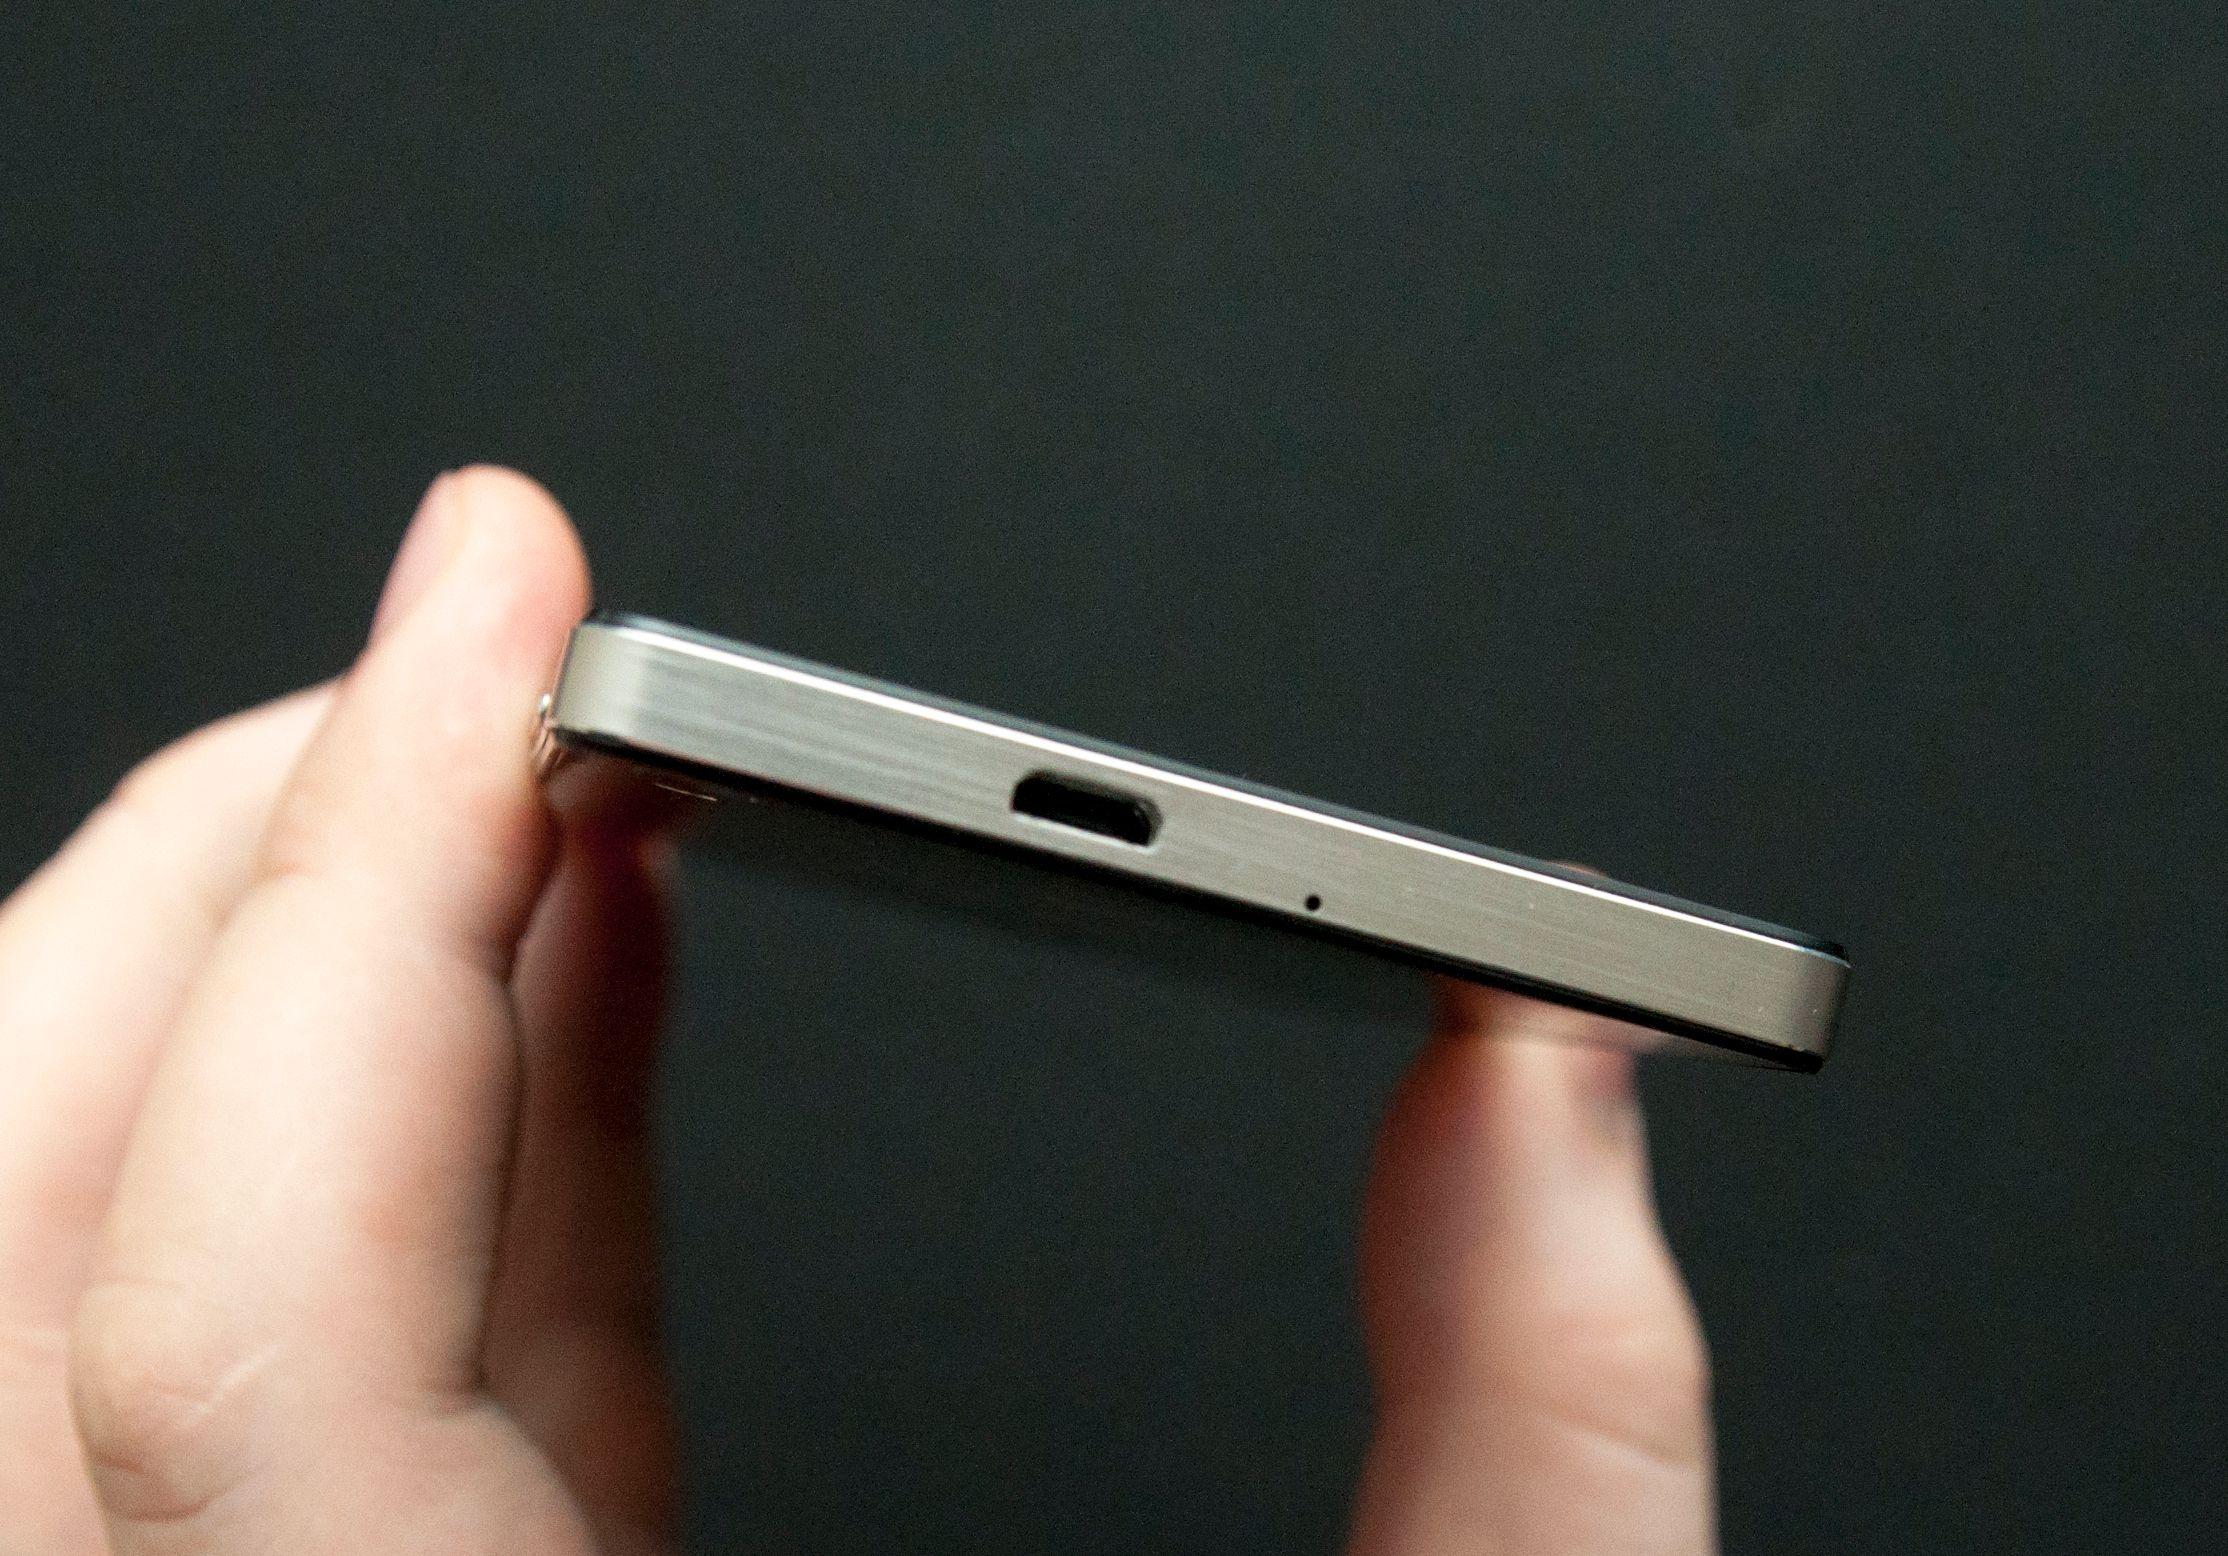 USB-kontakten sitter på toppen av telefonen.Foto: Finn Jarle Kvalheim, Amobil.no